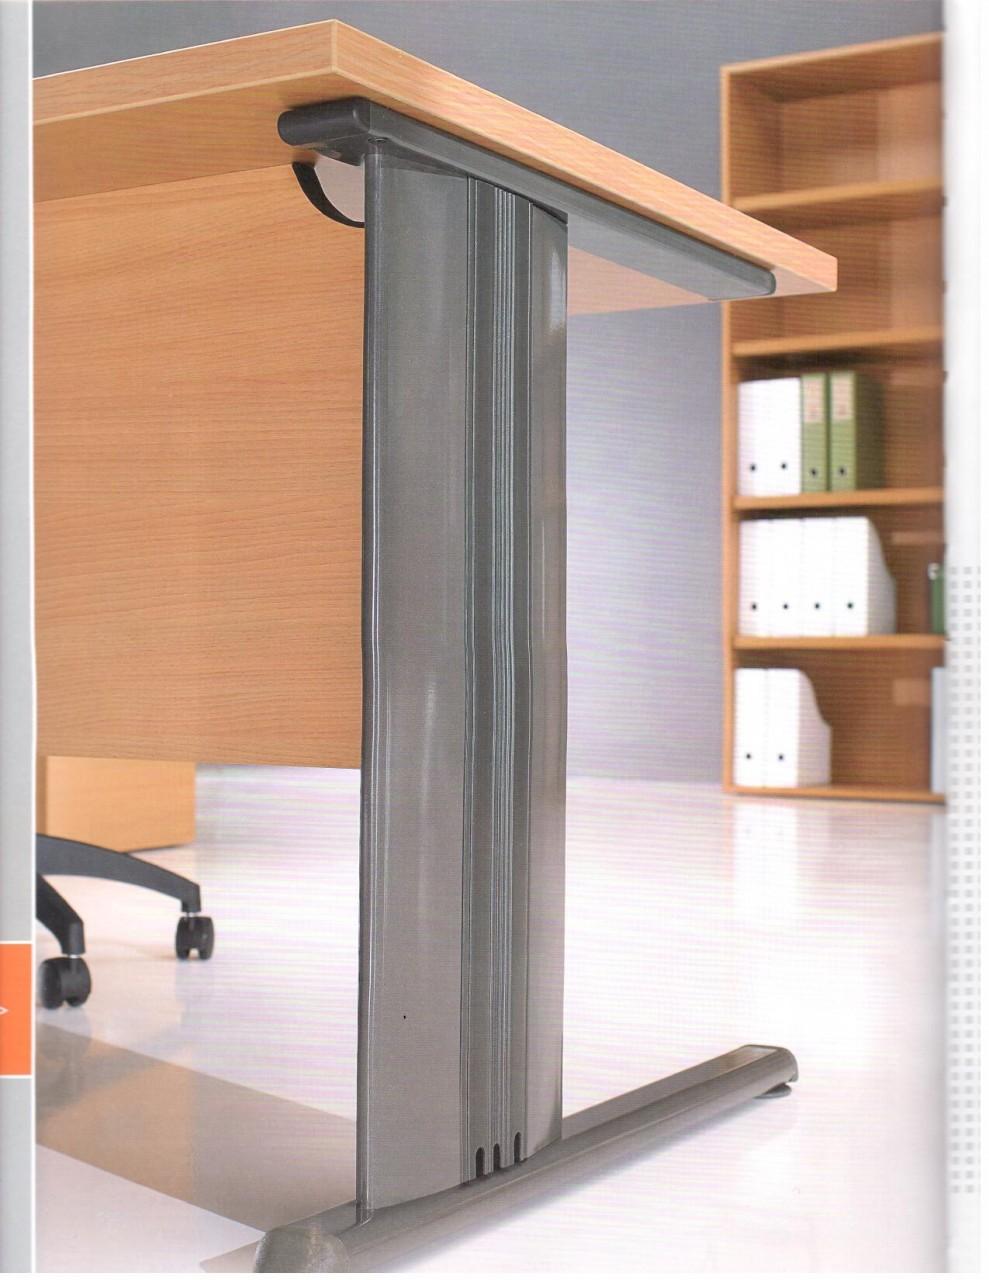 Bureau r glable en hauteur e2 achat bureaux r glables en - Treteau reglable en hauteur ...